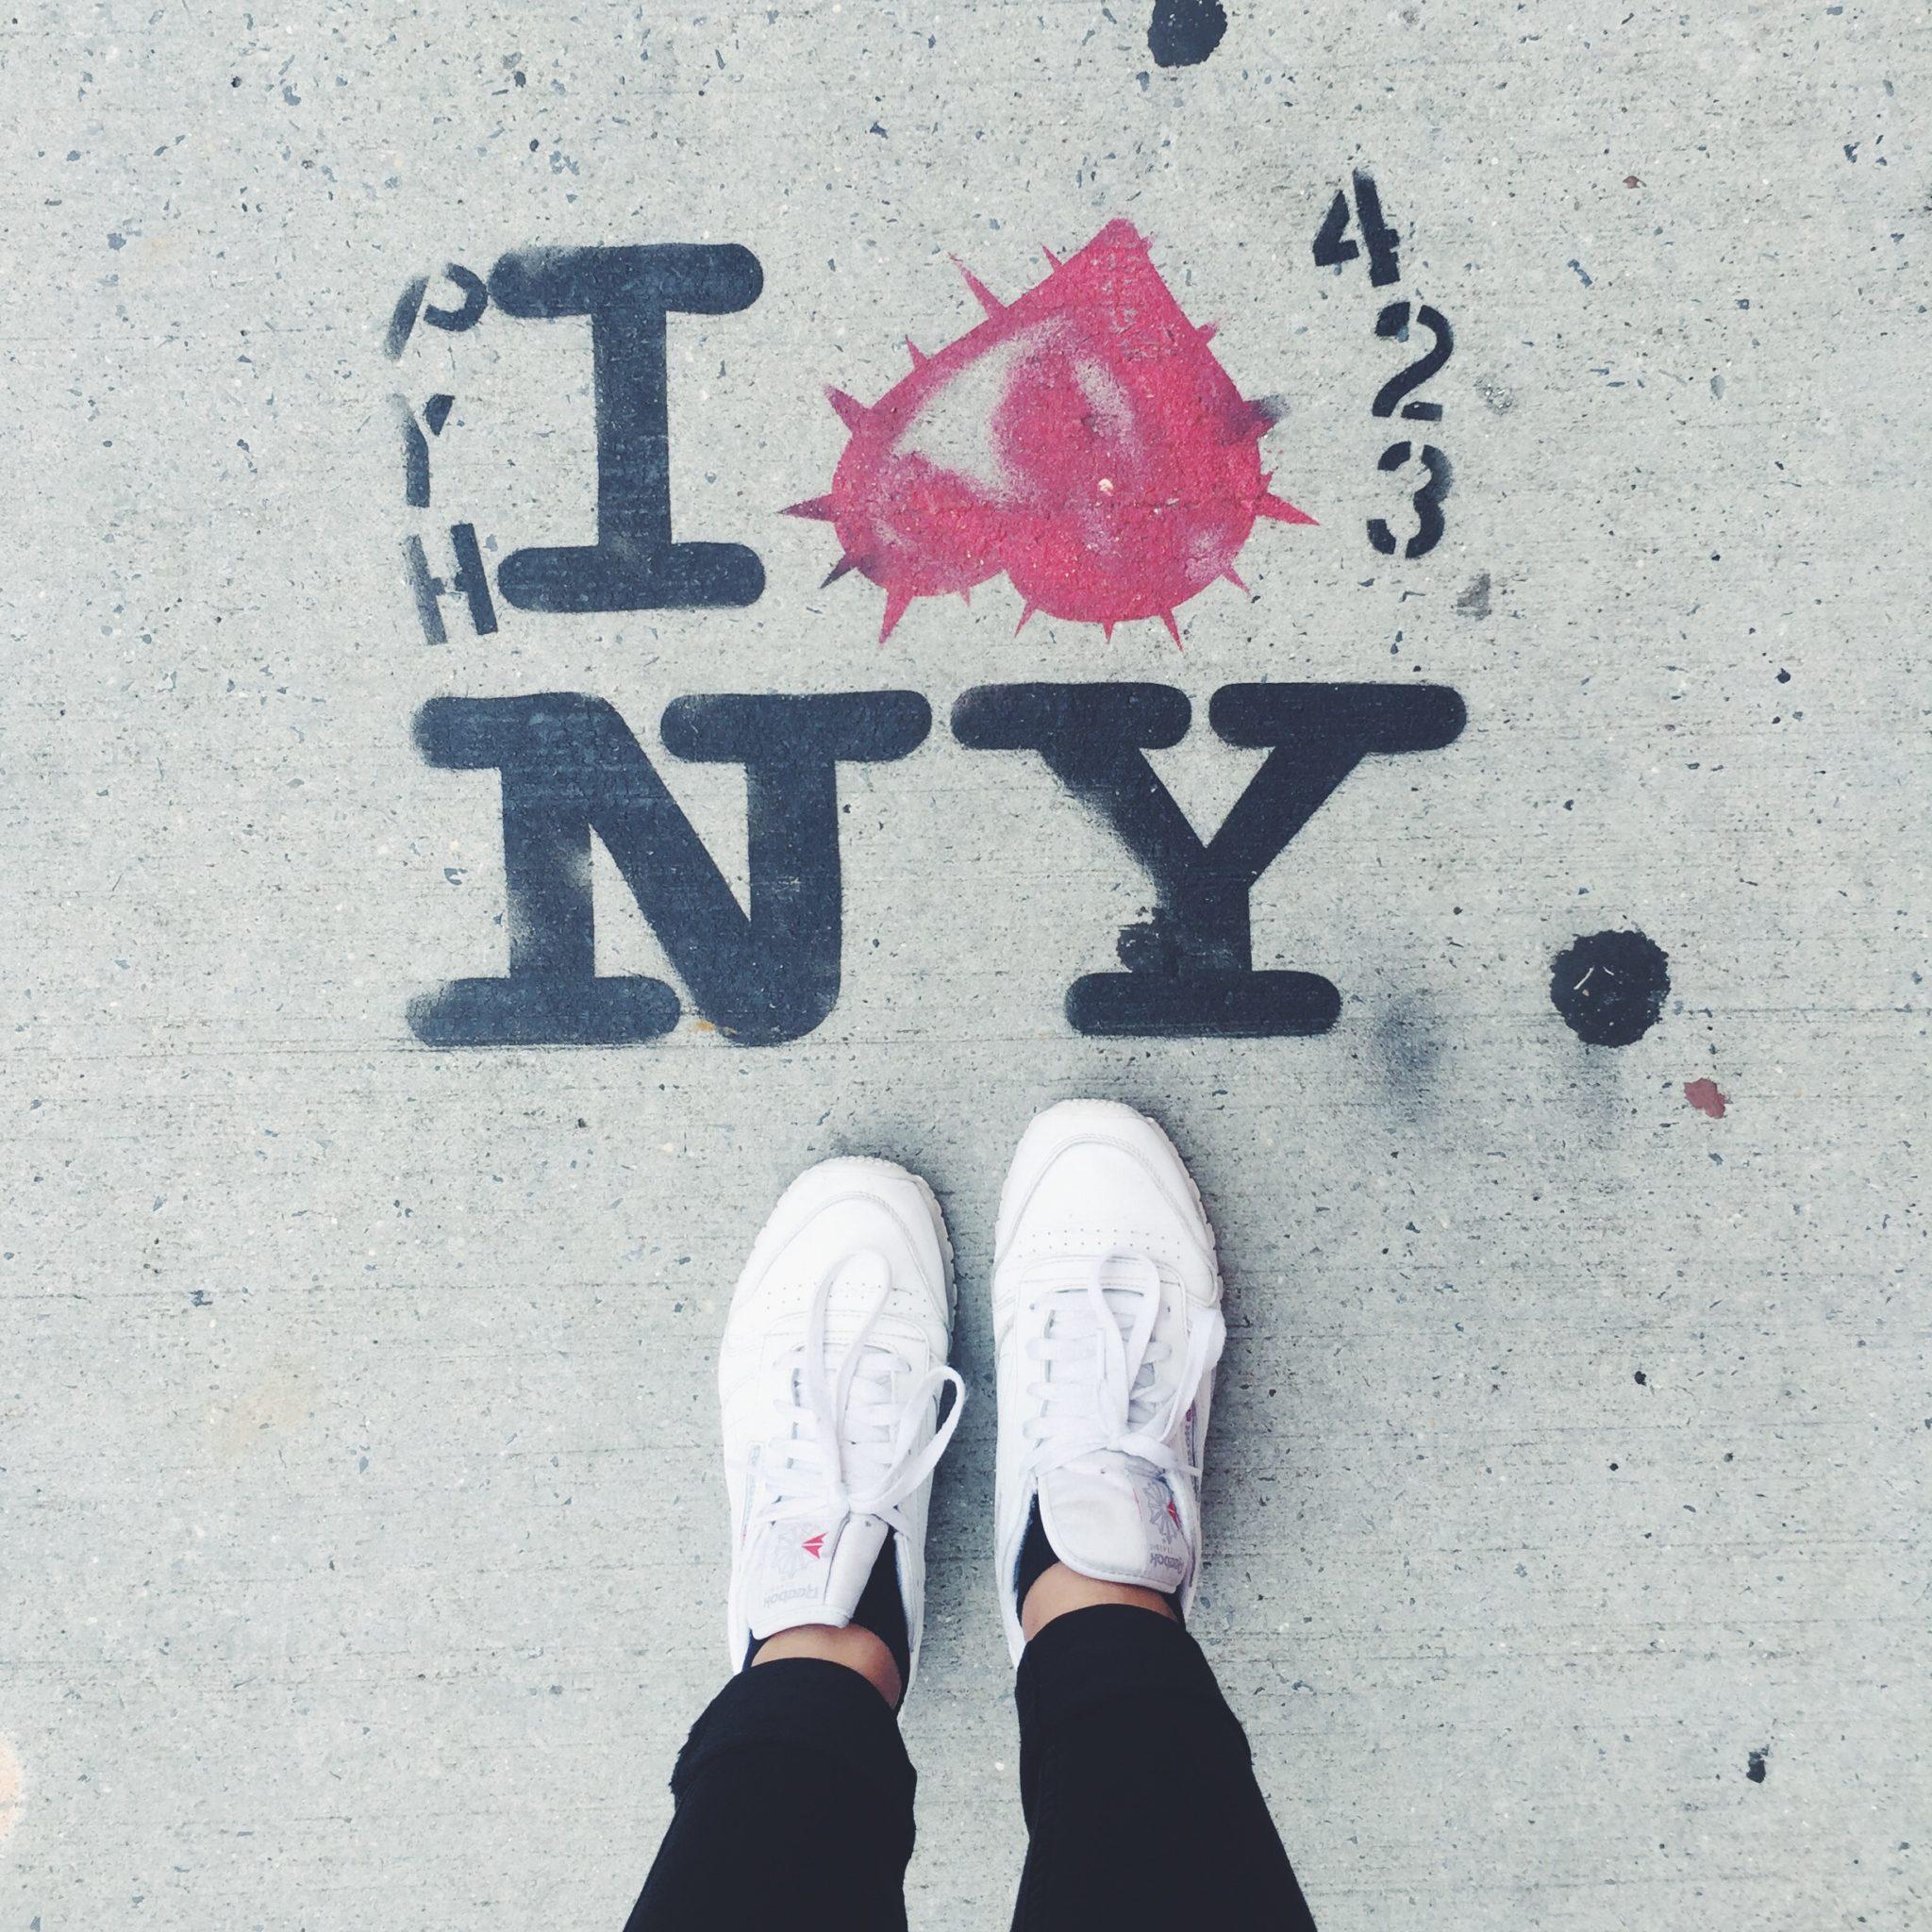 New York billede. Street art og Reebok kondisko. I love NY med hjerte.